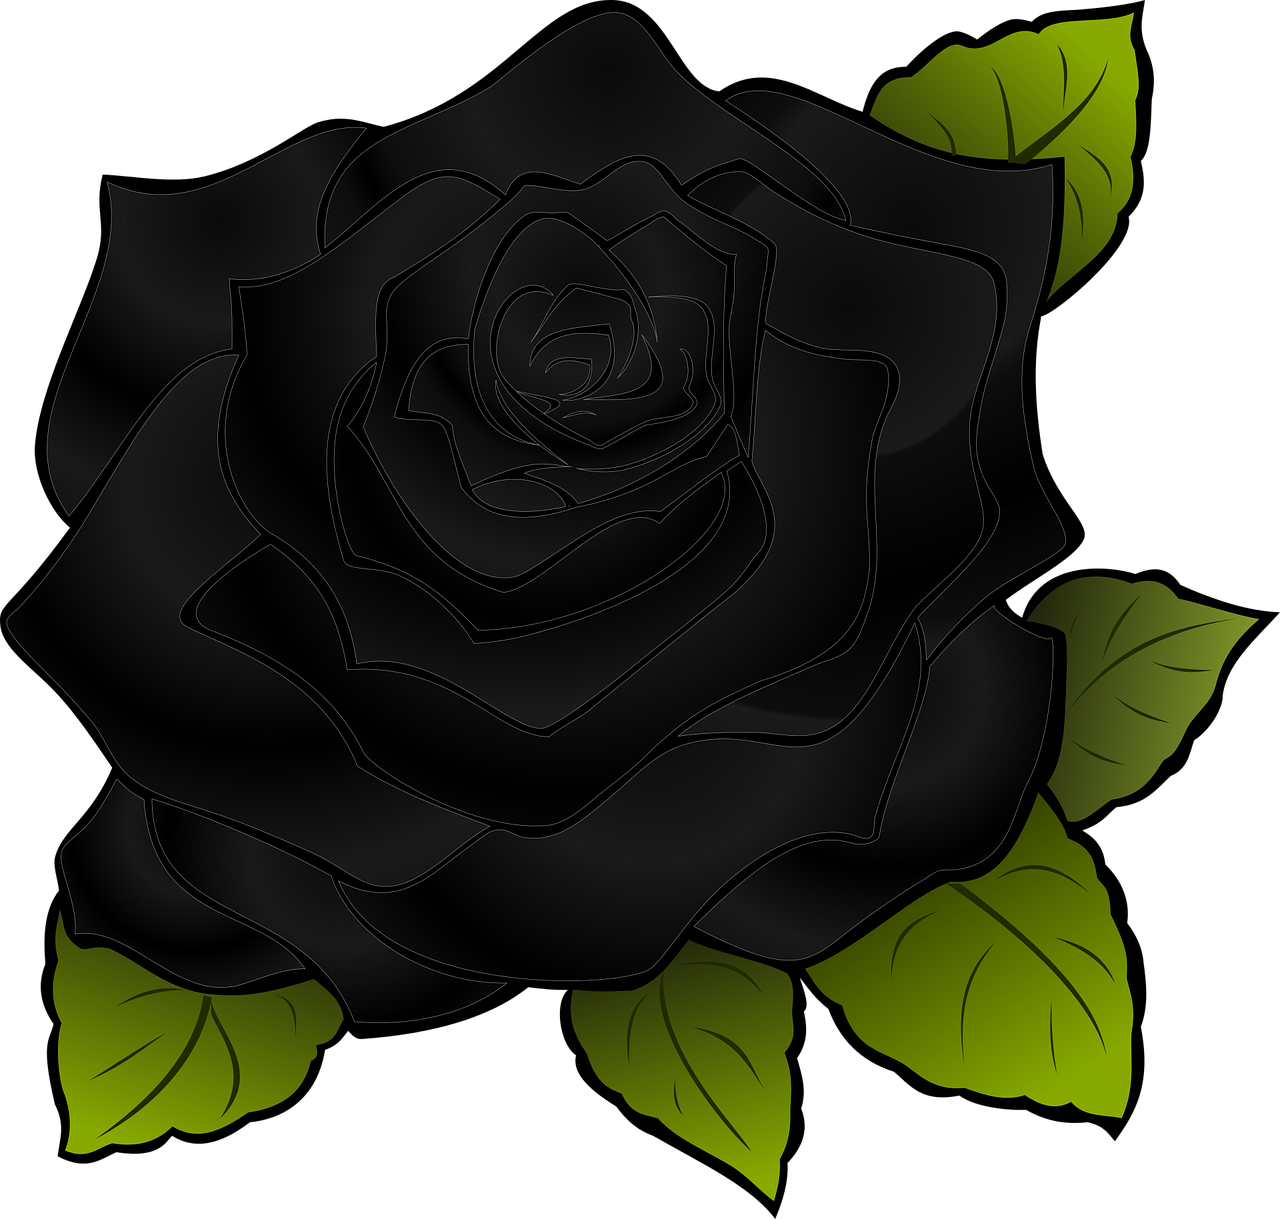 Rosa Flor Preta Grafico Vetorial Gratis No Pixabay